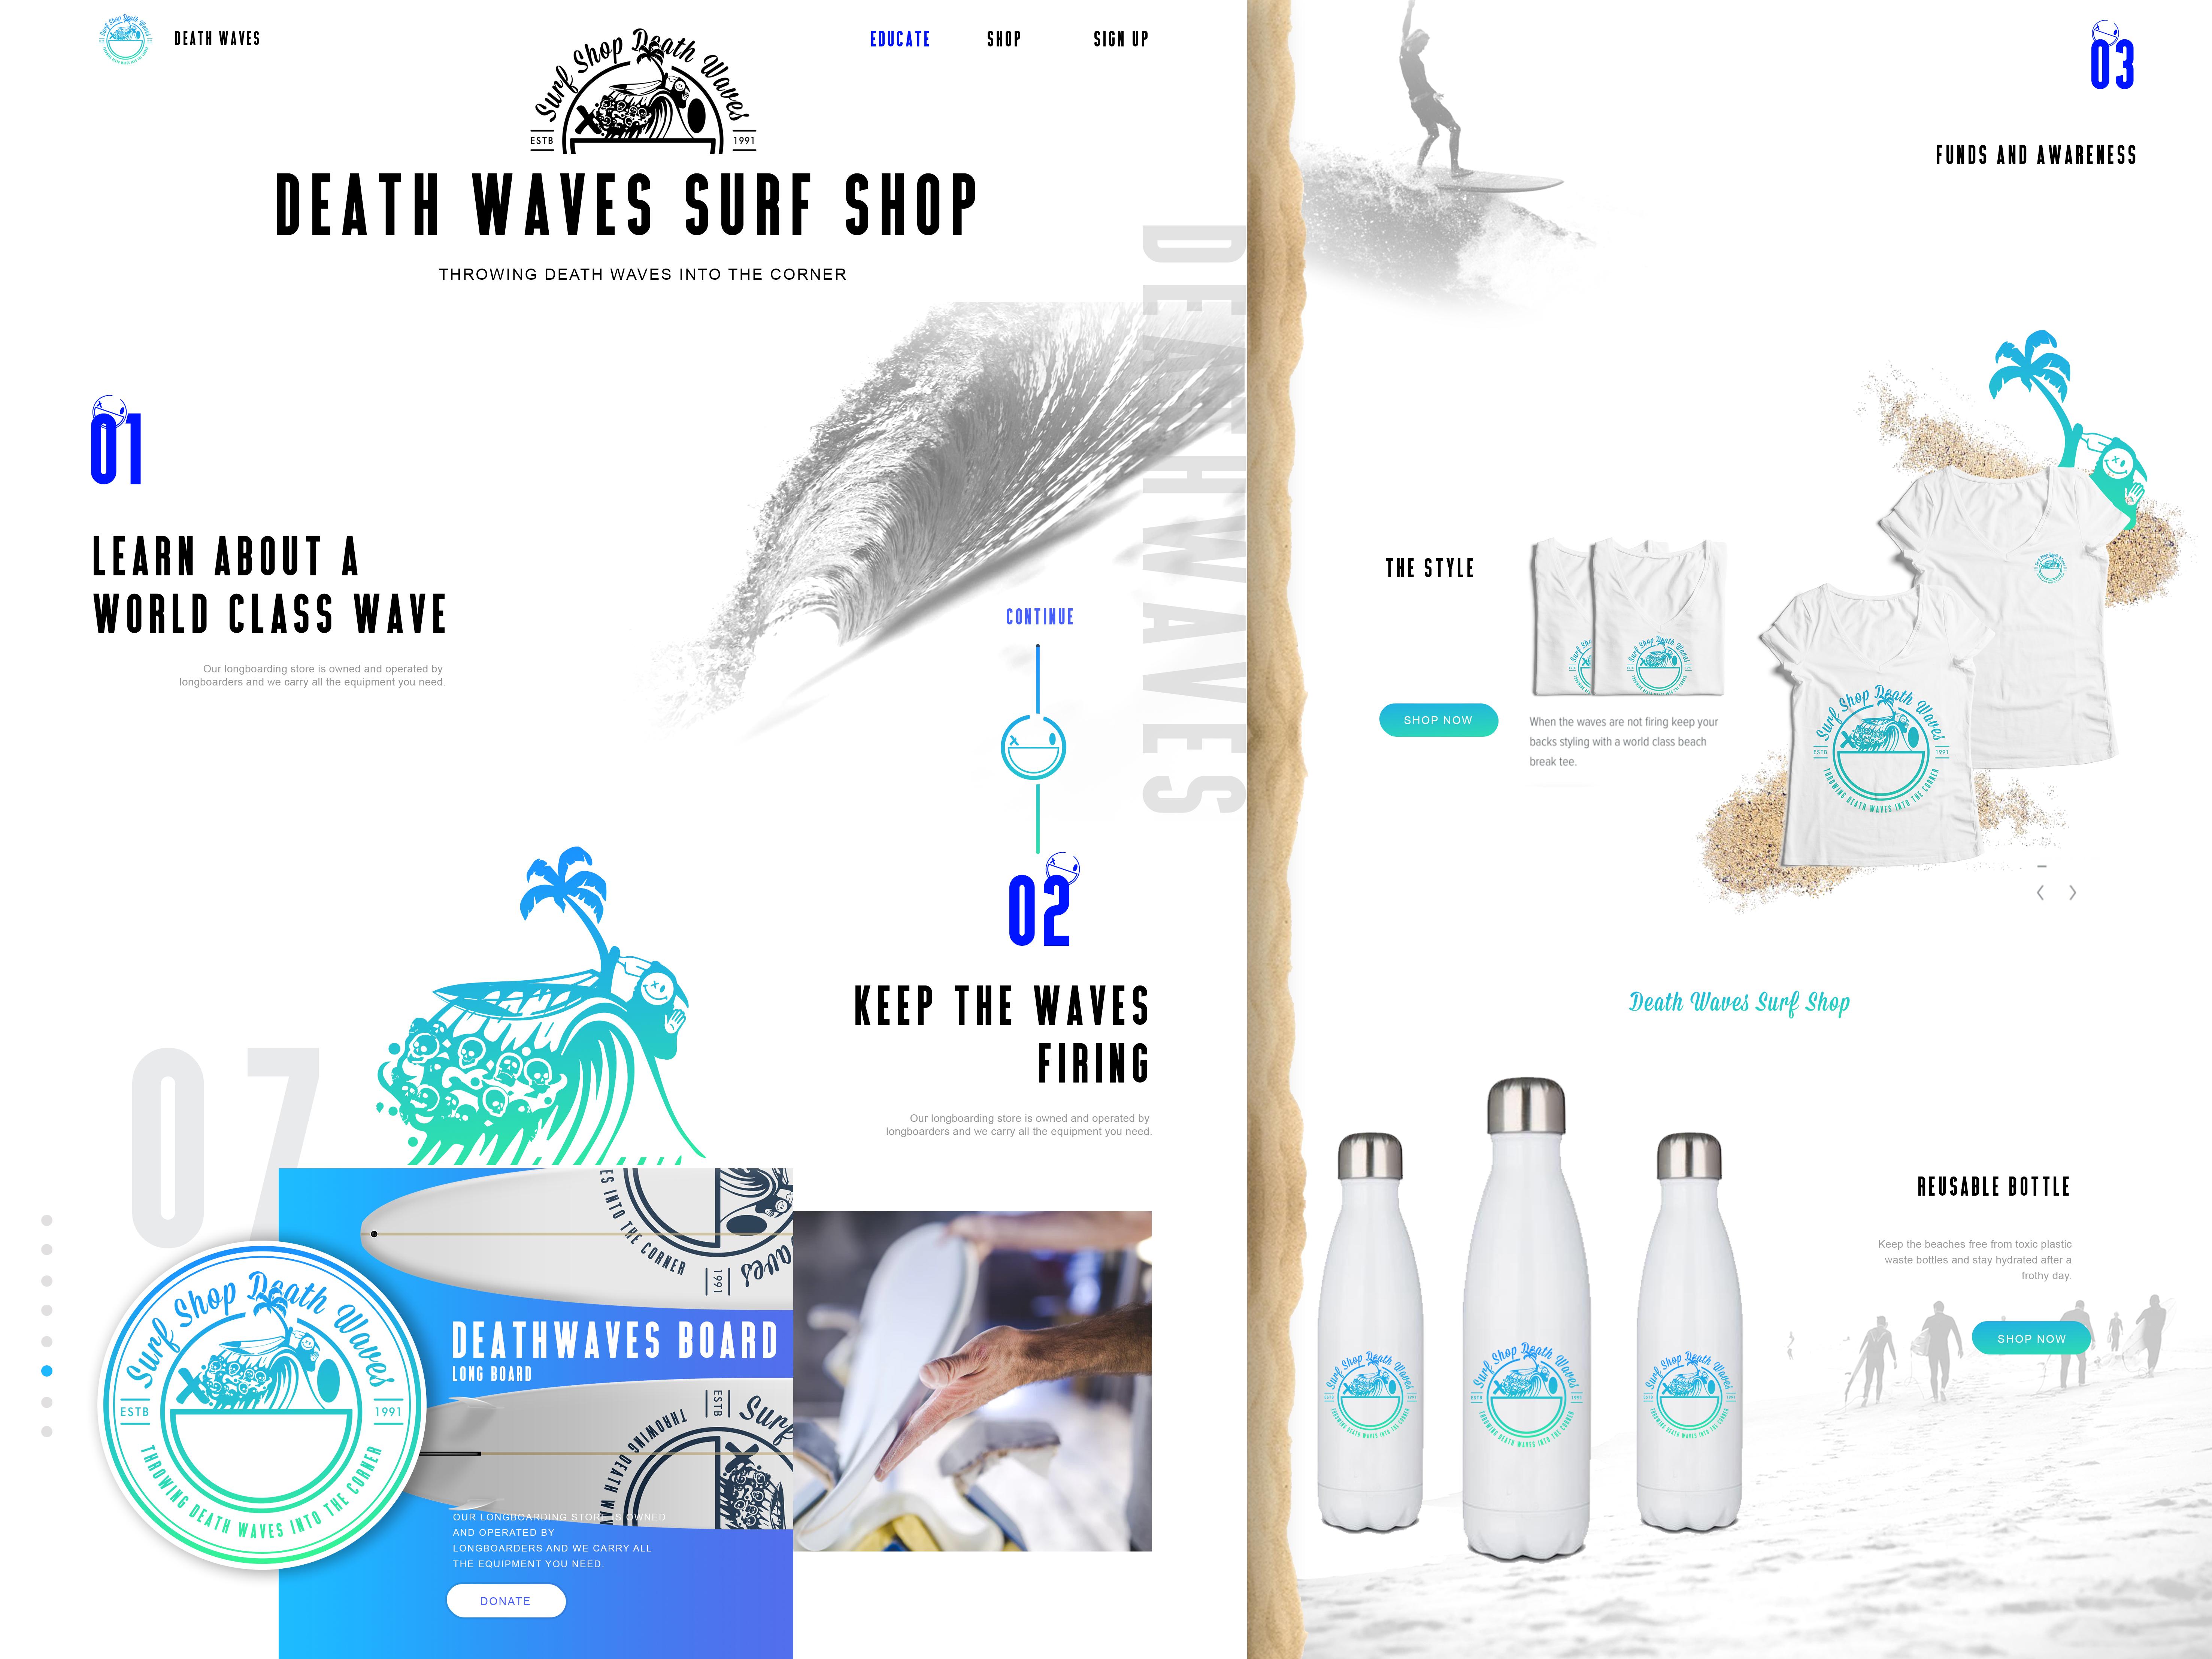 DeathWave_surfshop_webdesign